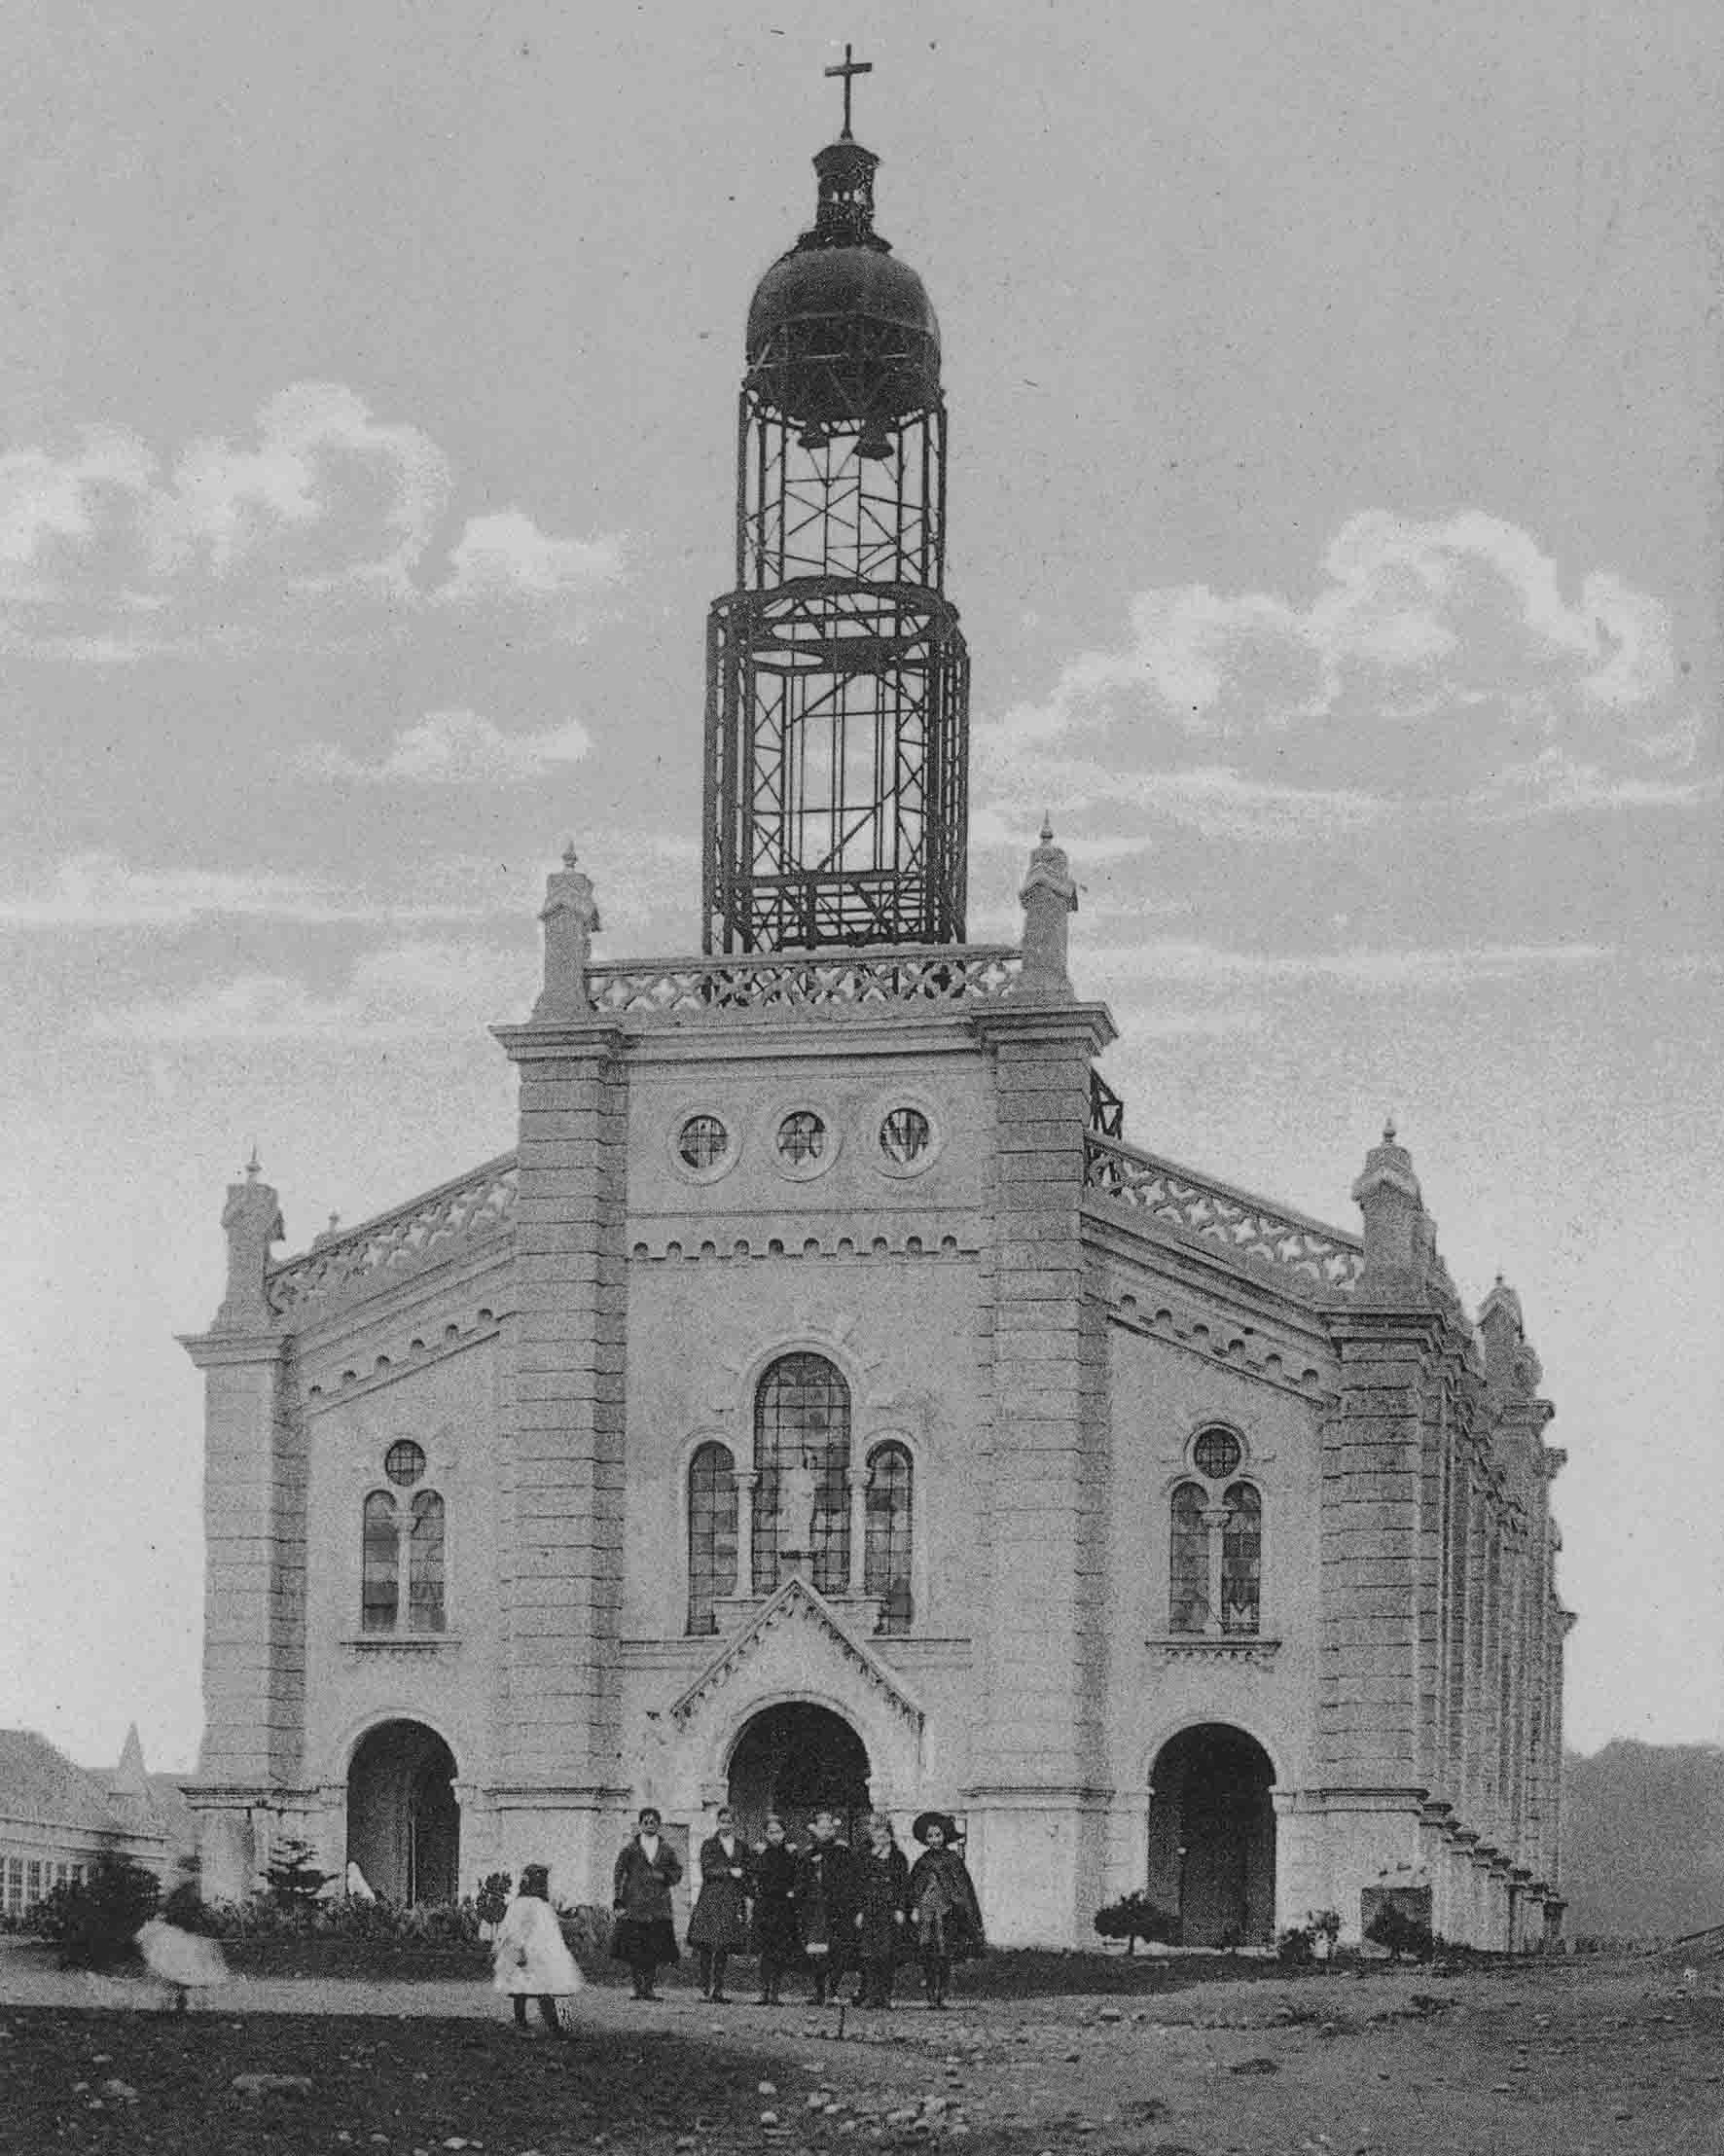 Enterreno - Fotos históricas de chile - fotos antiguas de Chile - Construcción de la catedral de Ancud en 1905